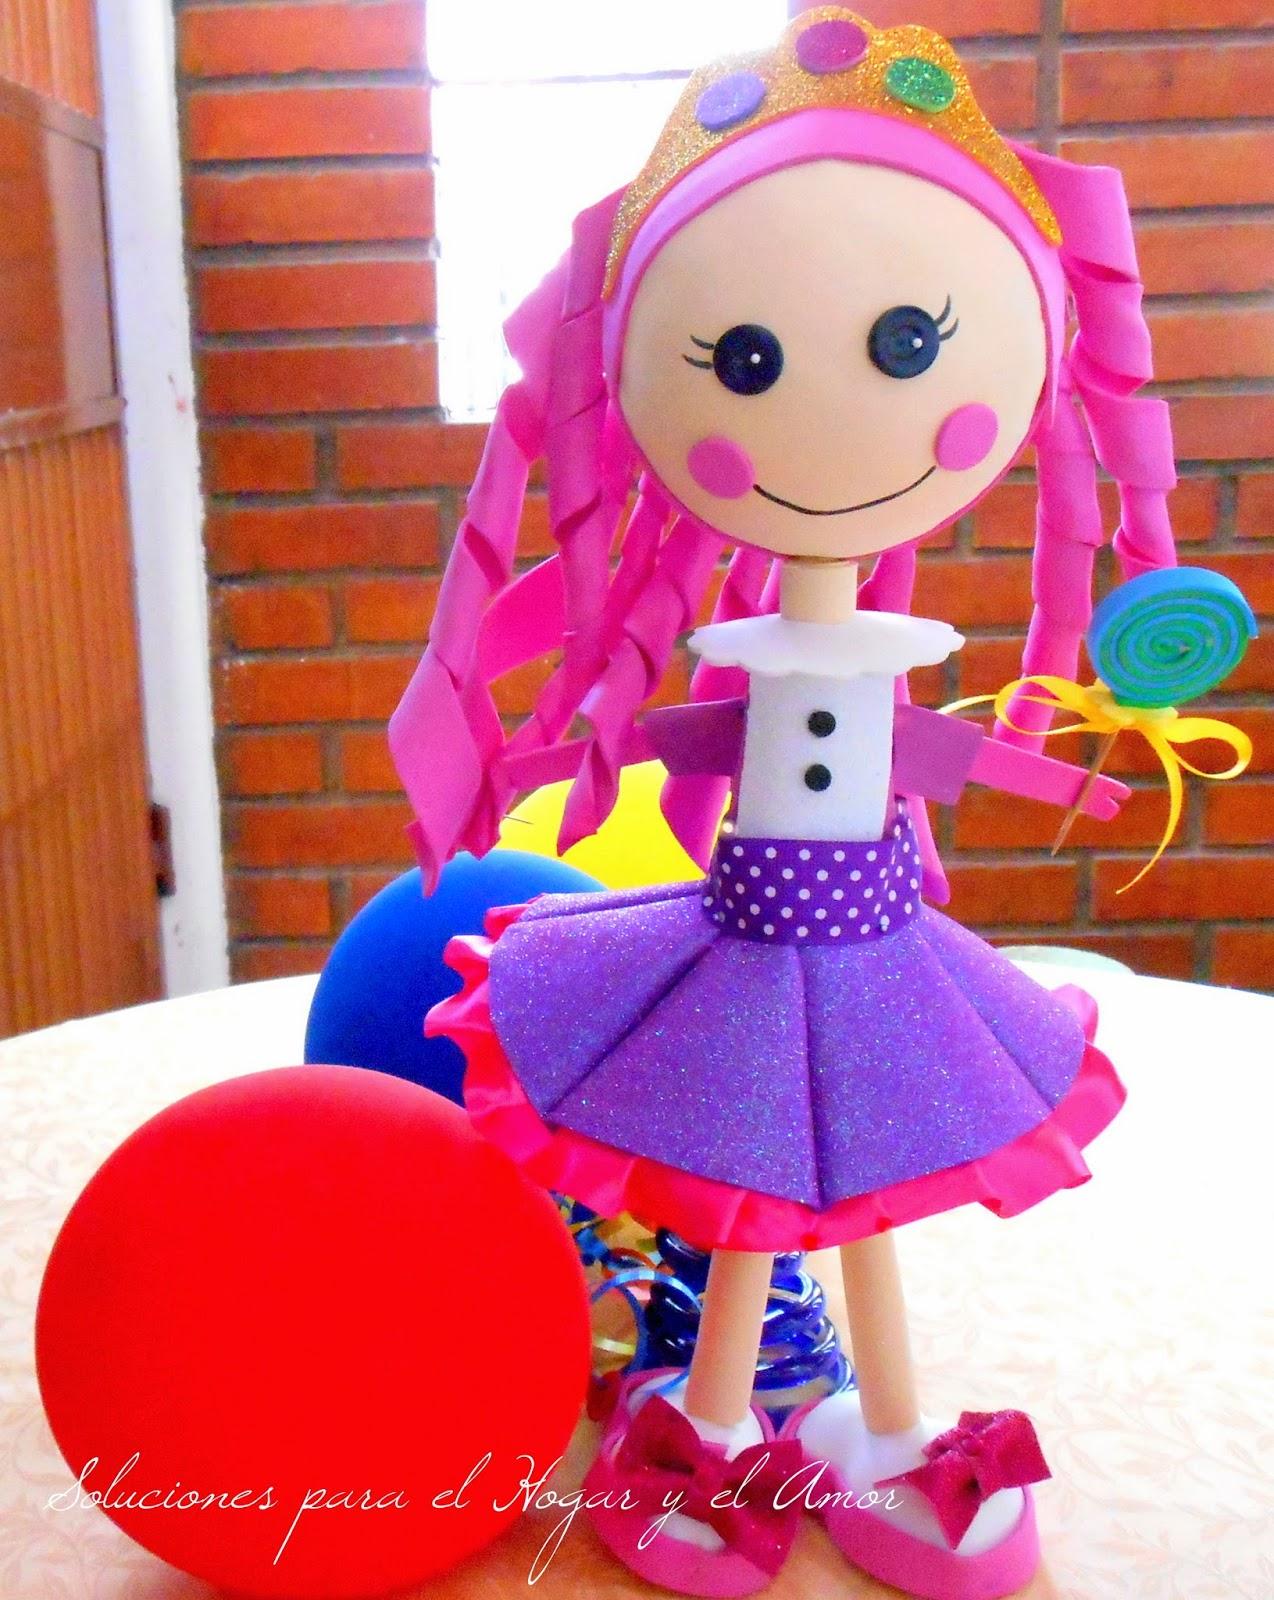 muñeca de foamy, lalaloopsy de foamy, termo formado muñecos